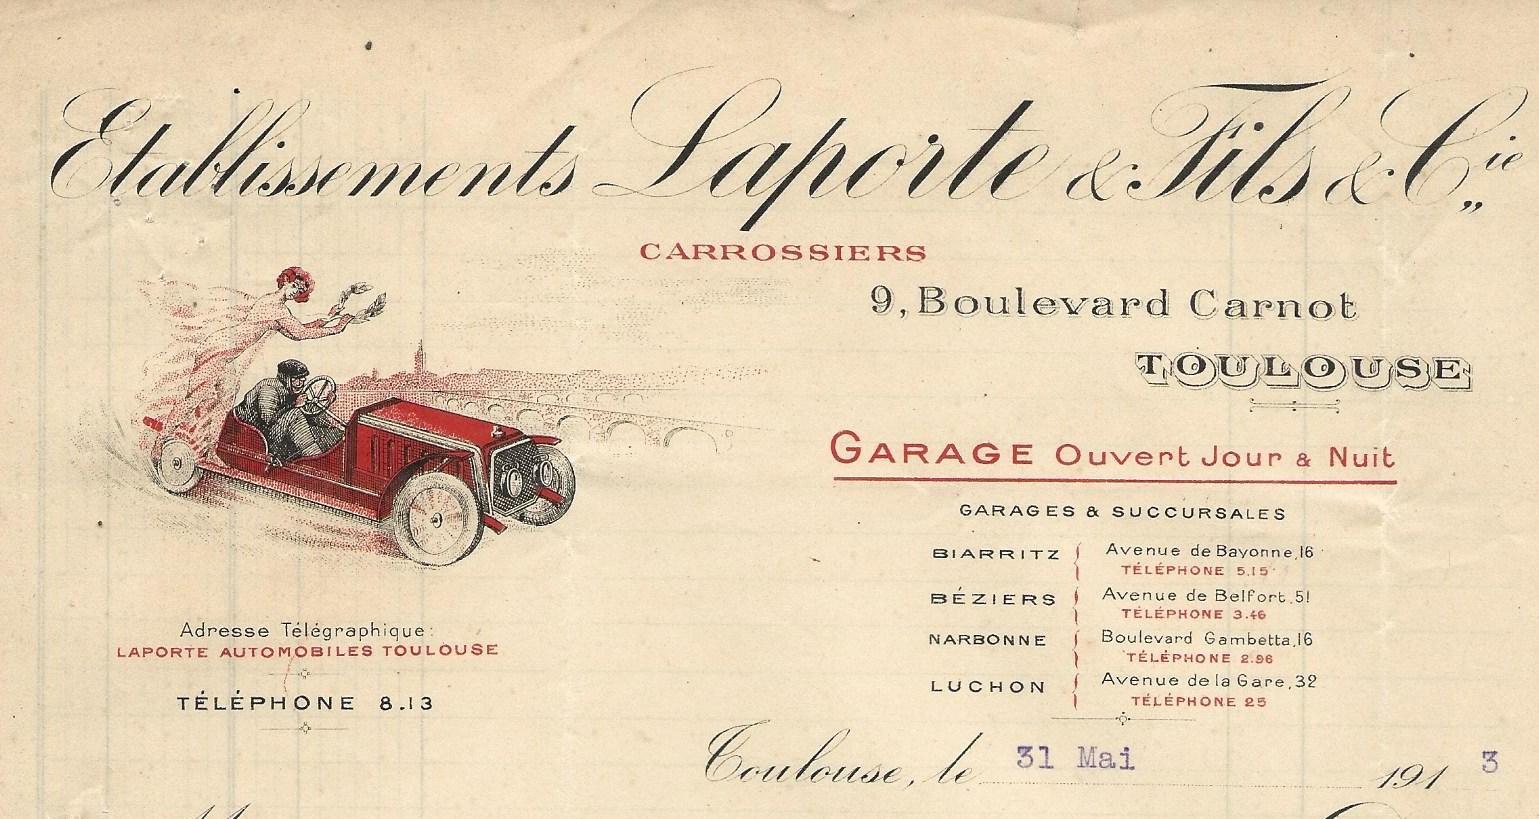 Garage Ouvert jour et nuit – 1913